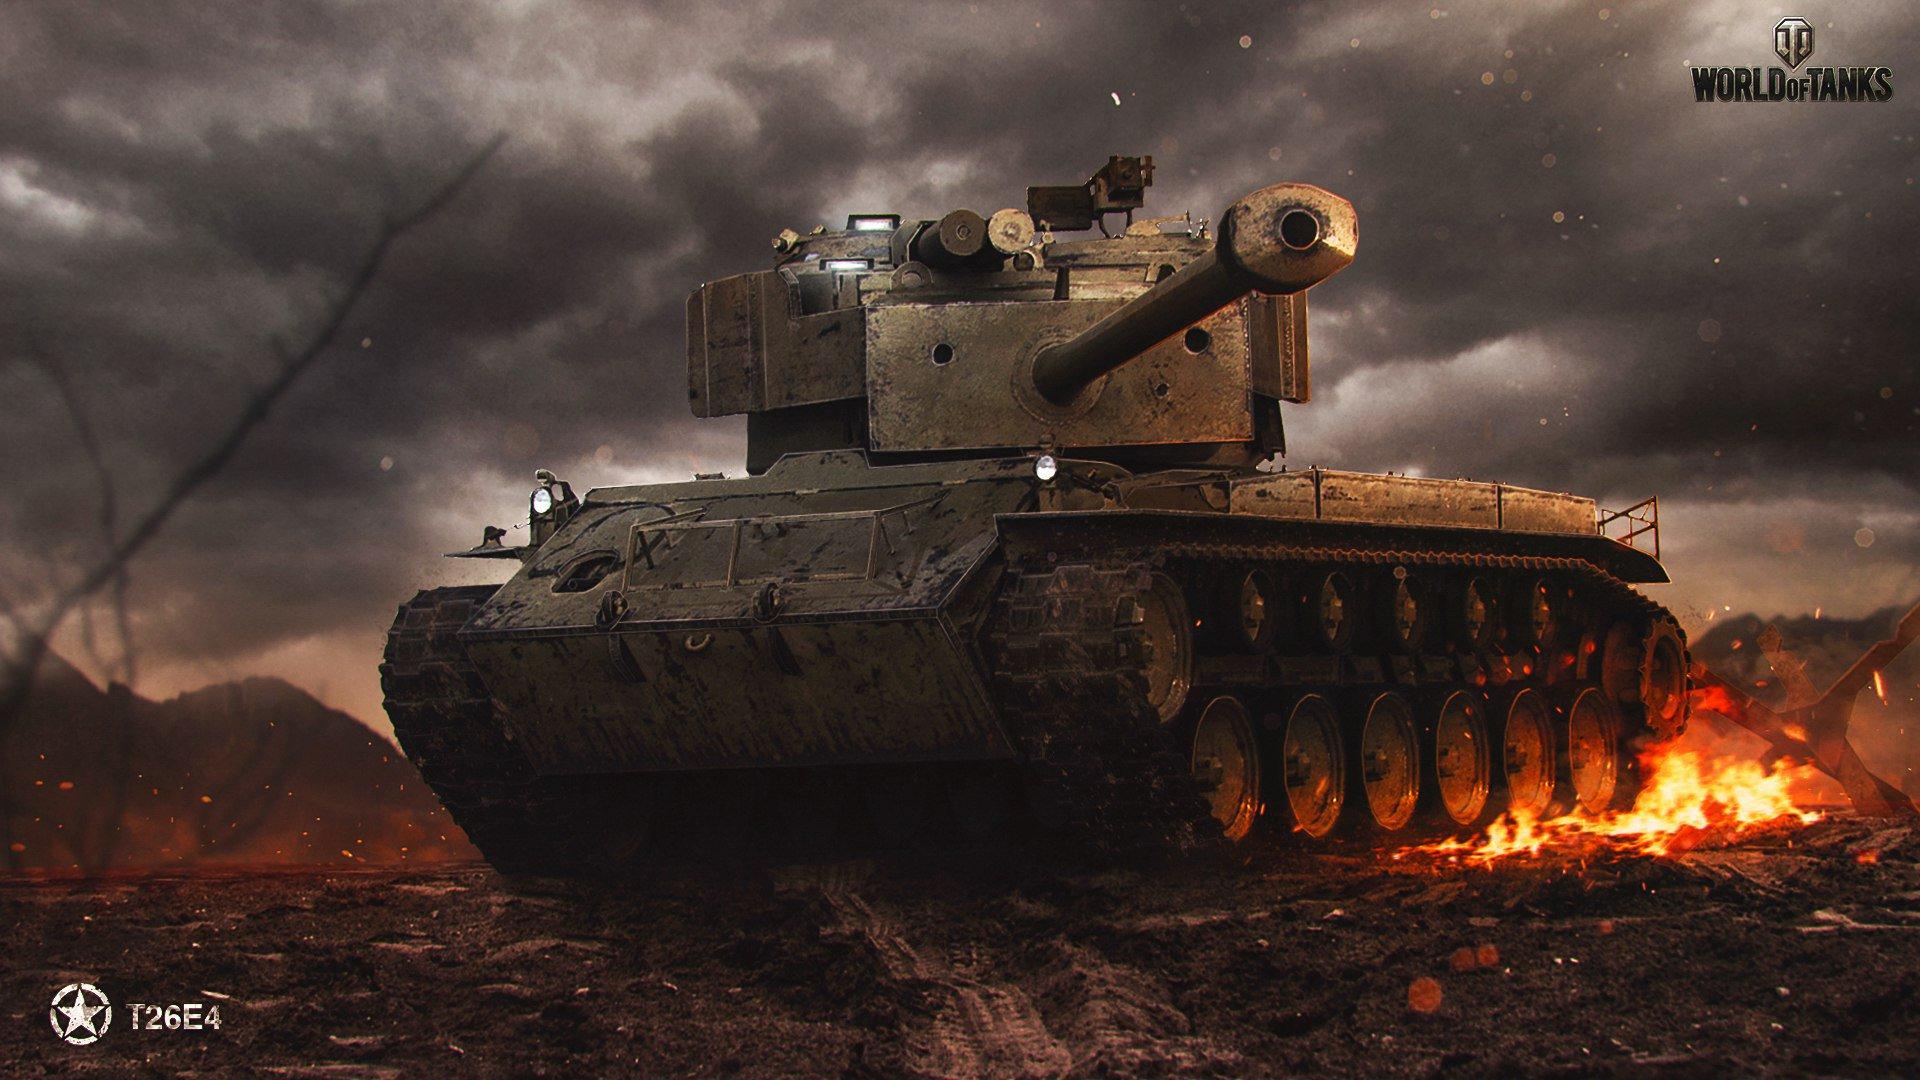 обои для рабочего стола танки 1920х1080 hd танки скачать № 213082 бесплатно